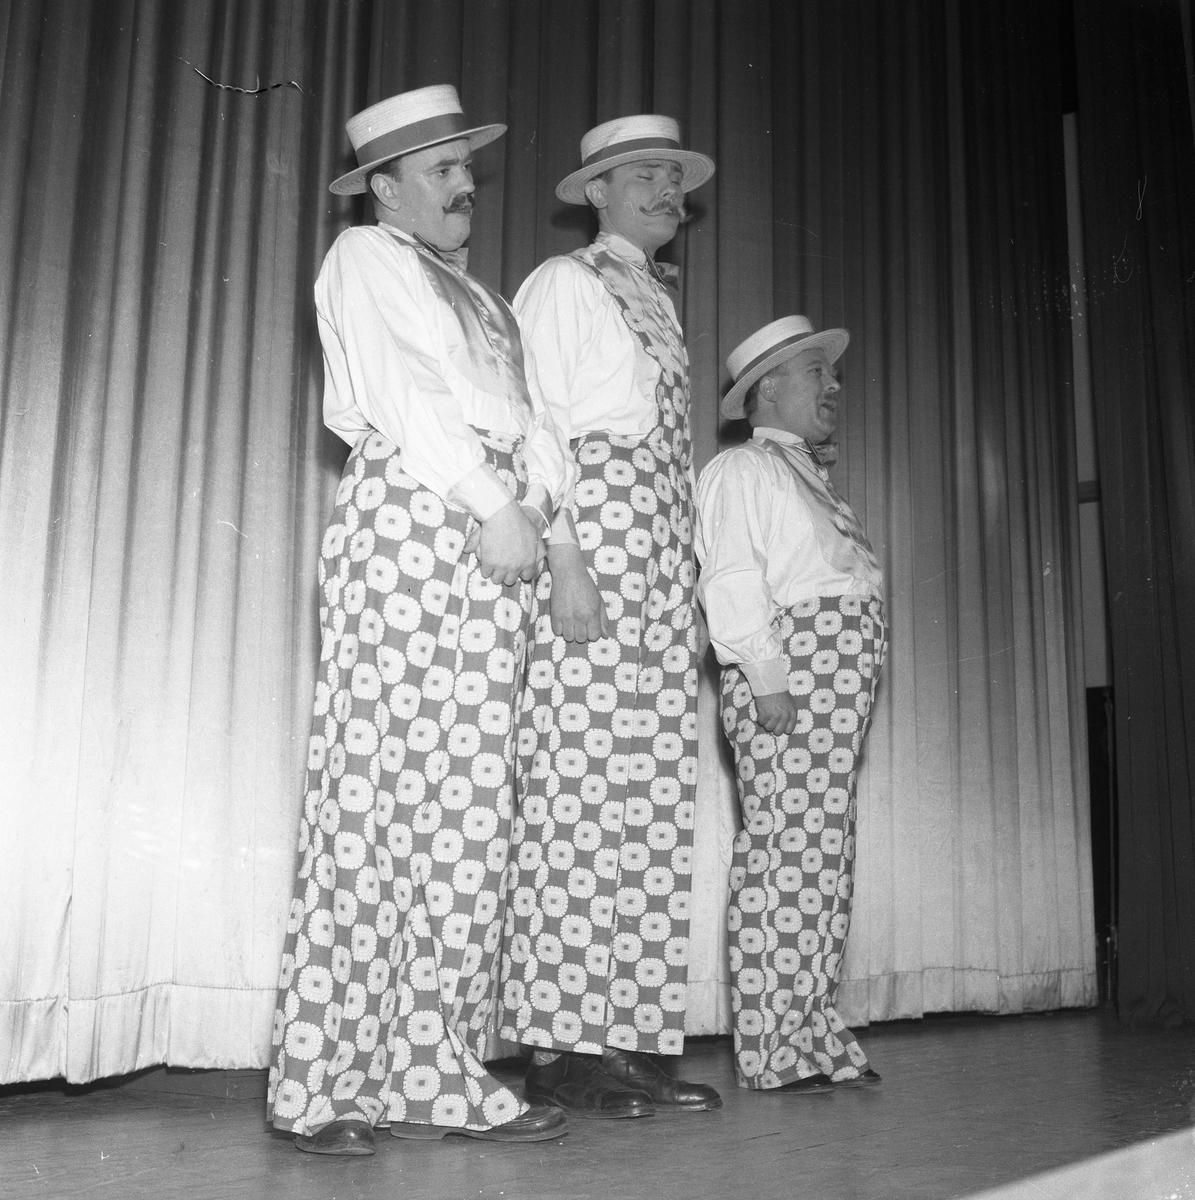 Deltagarna i Arbogarevyn spelar upp sin Jubileumsrevy. På scenen står tre herrar i samma sorts utstyrsel. Mannen längst till vänster kan vara Rune Ström.